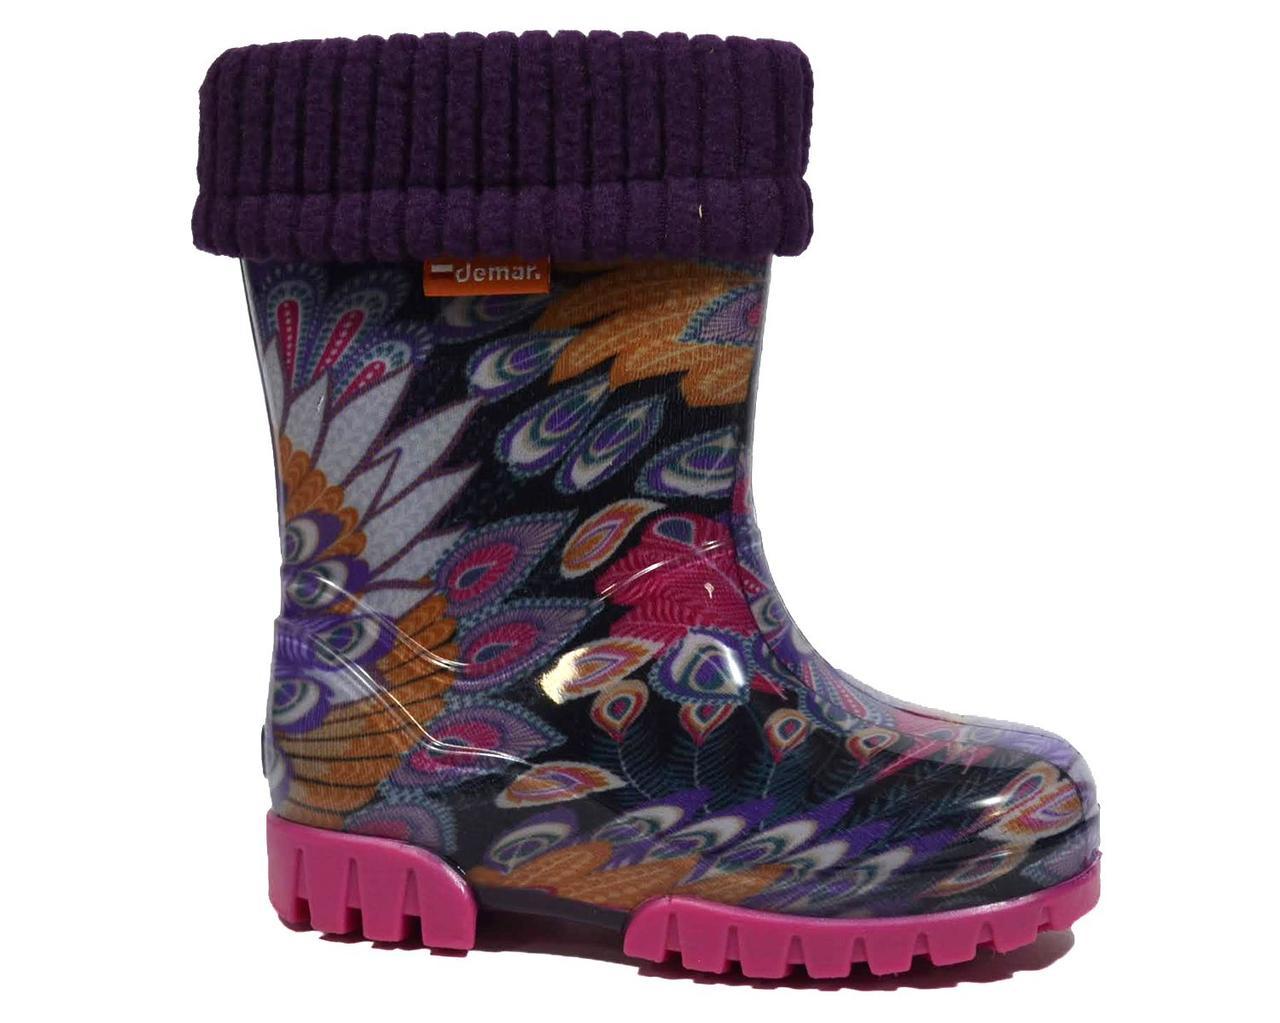 Яскраві гумові чоботи DEMAR для дівчинки 20-21р